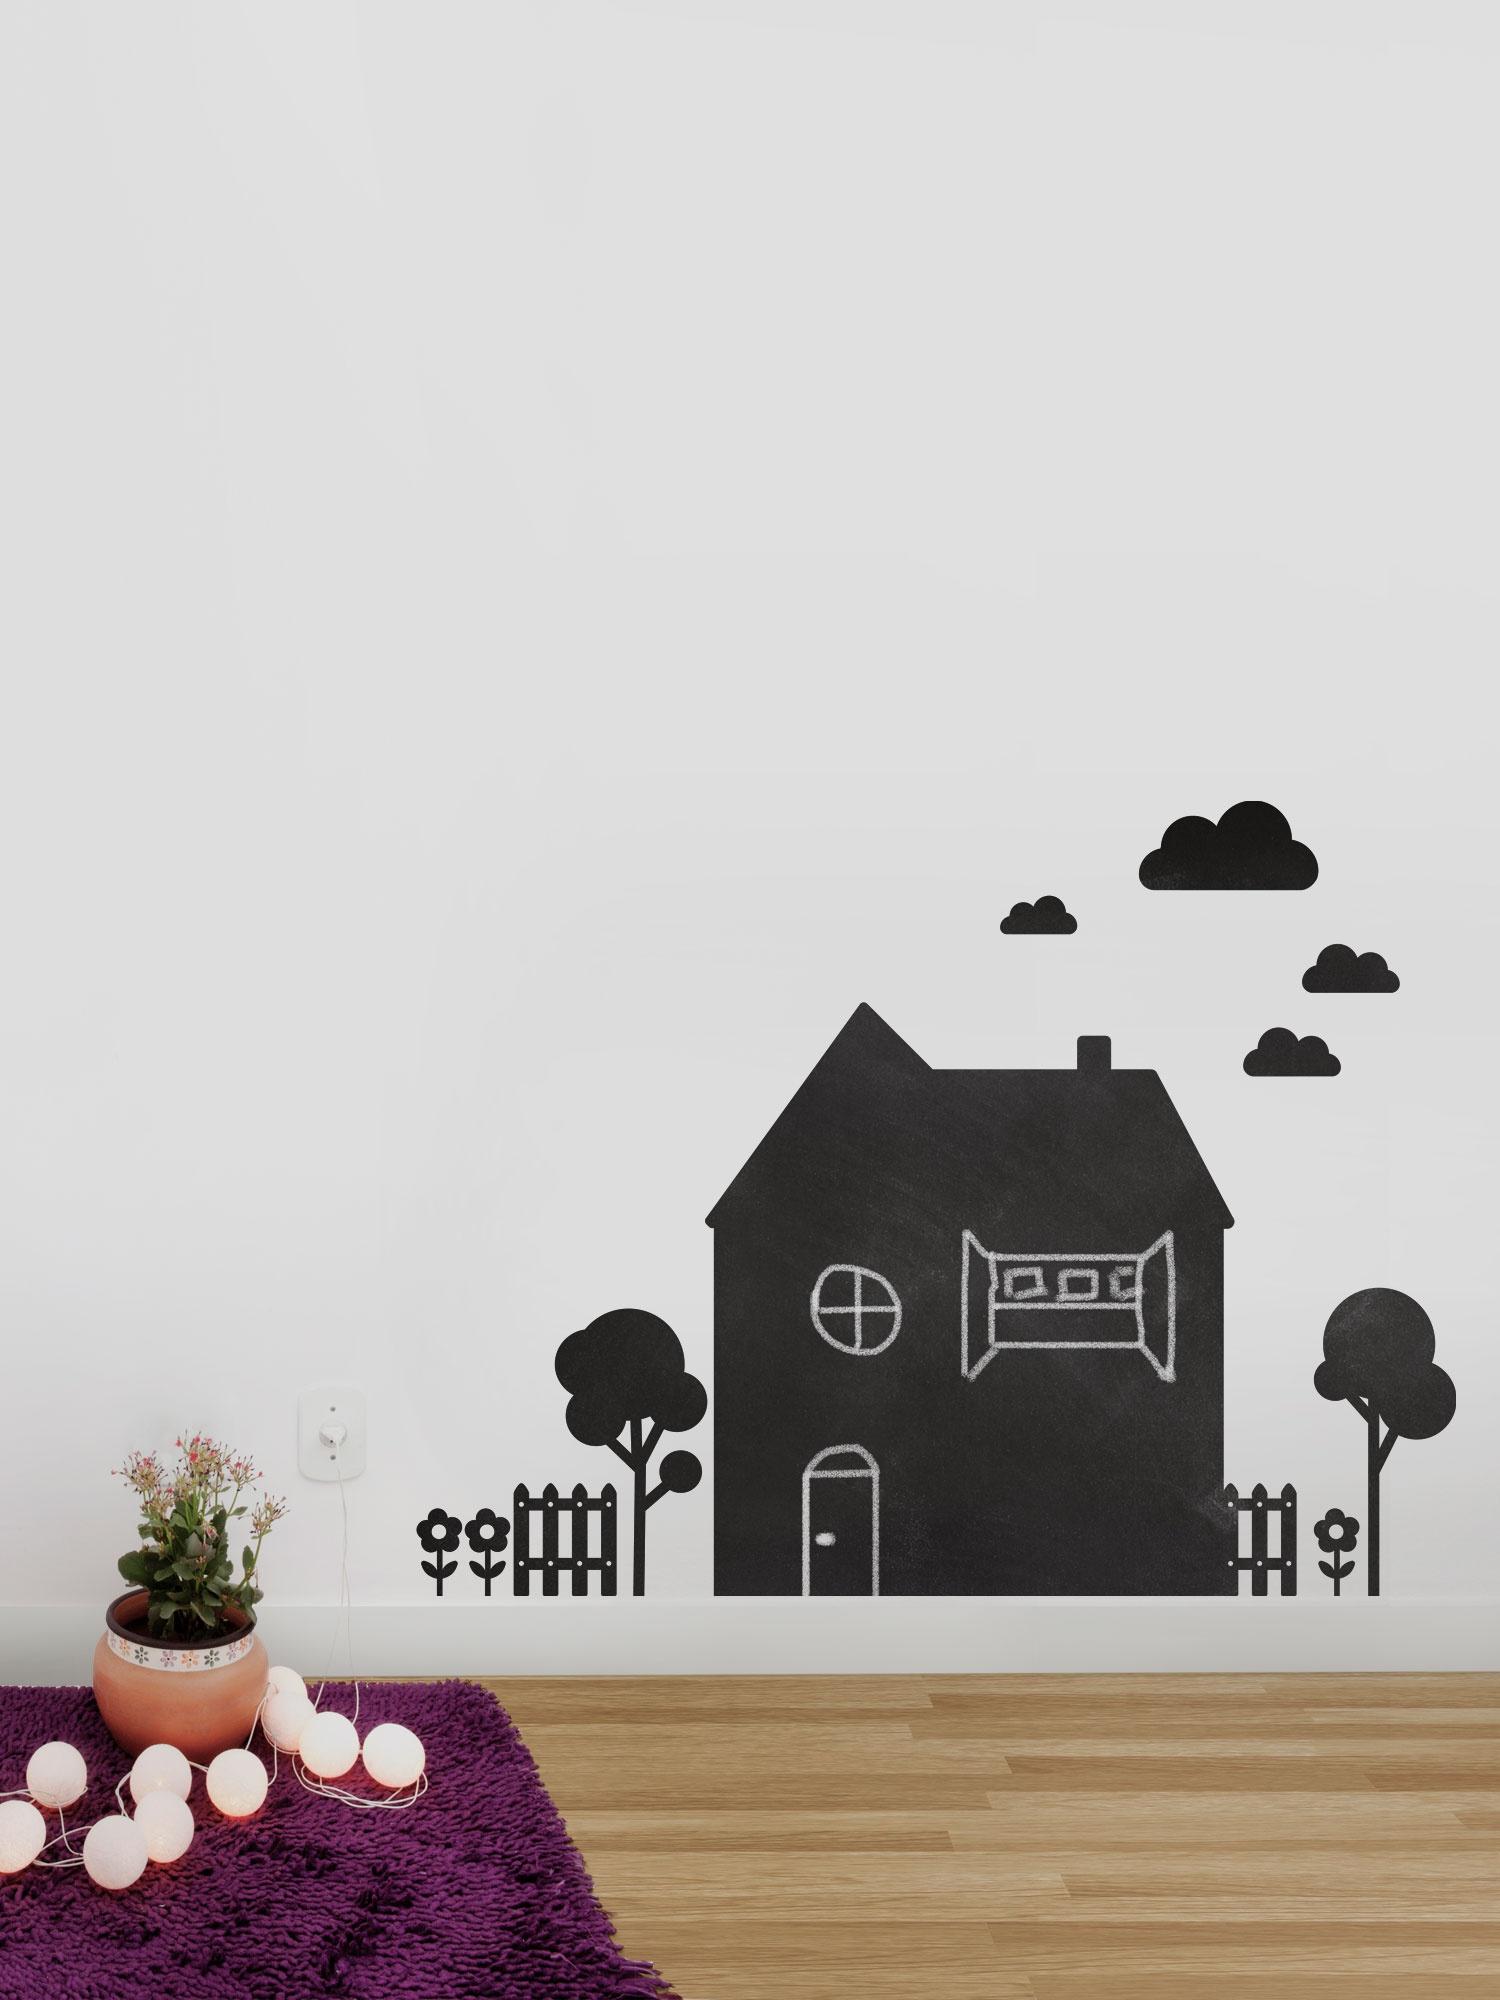 shopkola-adesivo-de-parede-lousas-casinha-preta